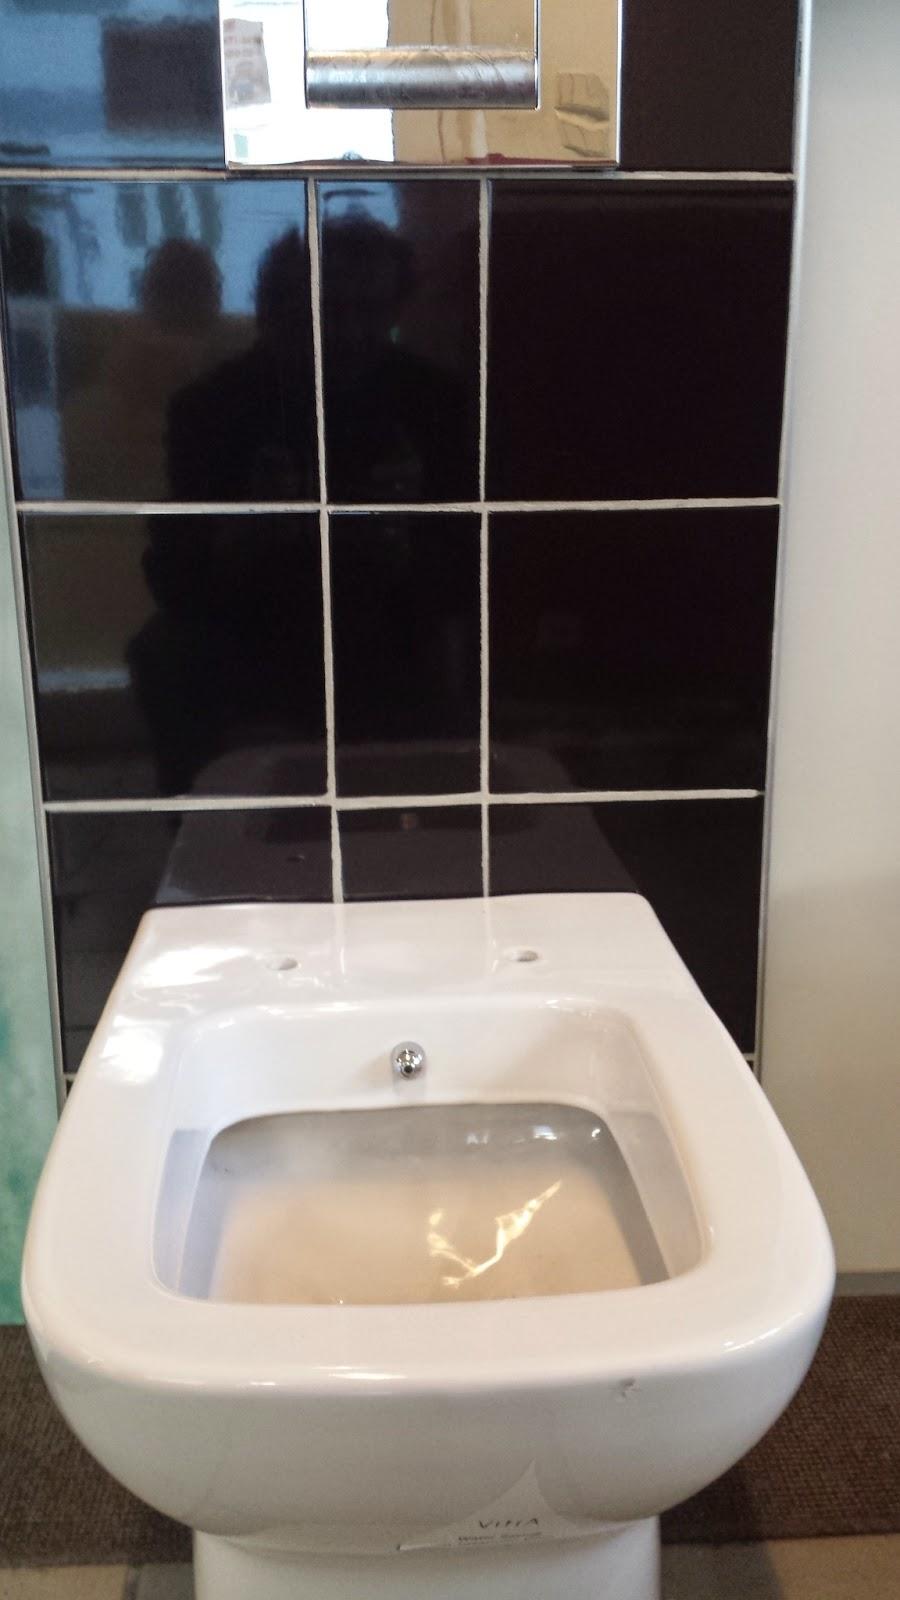 wc und bidet in einem sema wien hat es lagernd alleinvertrieb in wien sterreich und der eu. Black Bedroom Furniture Sets. Home Design Ideas